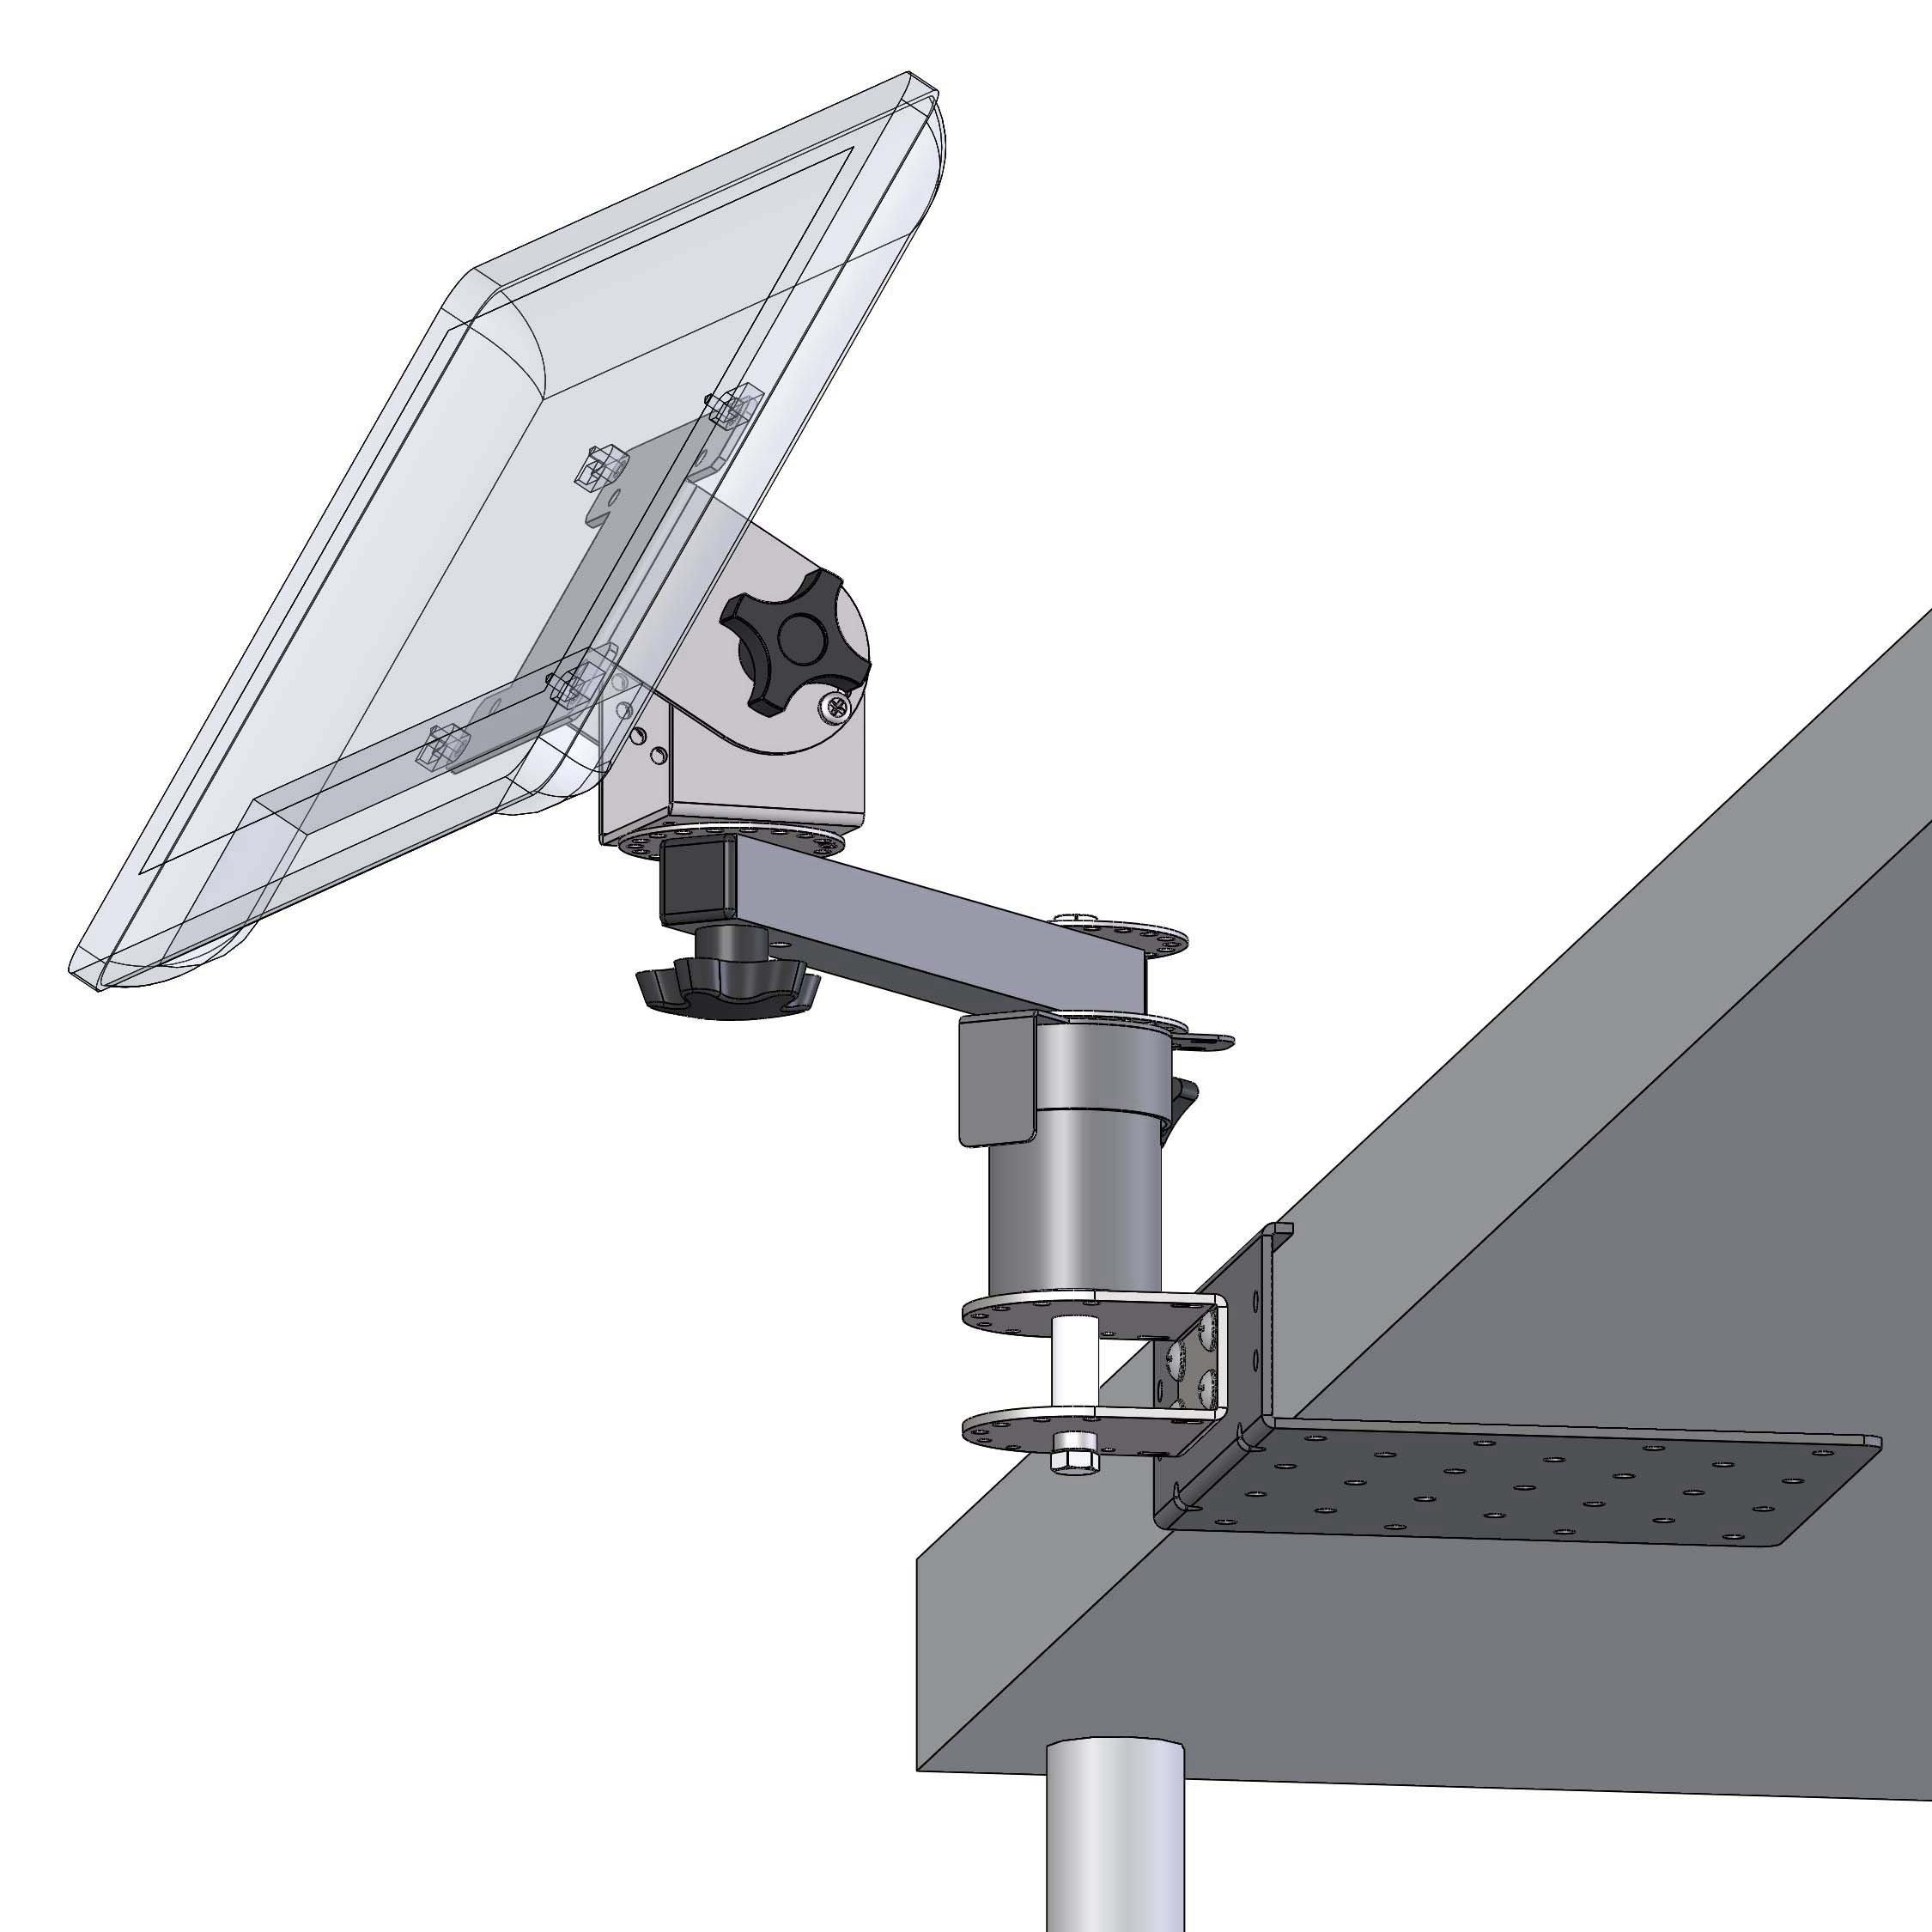 Montaje debajo del mostrador con un elevador de 3 pulgadas, un brazo de 8 pulgadas y un cabezal de giro e inclinación de pantalla compatible con VESA de 75/100 mm PQS PN 80241